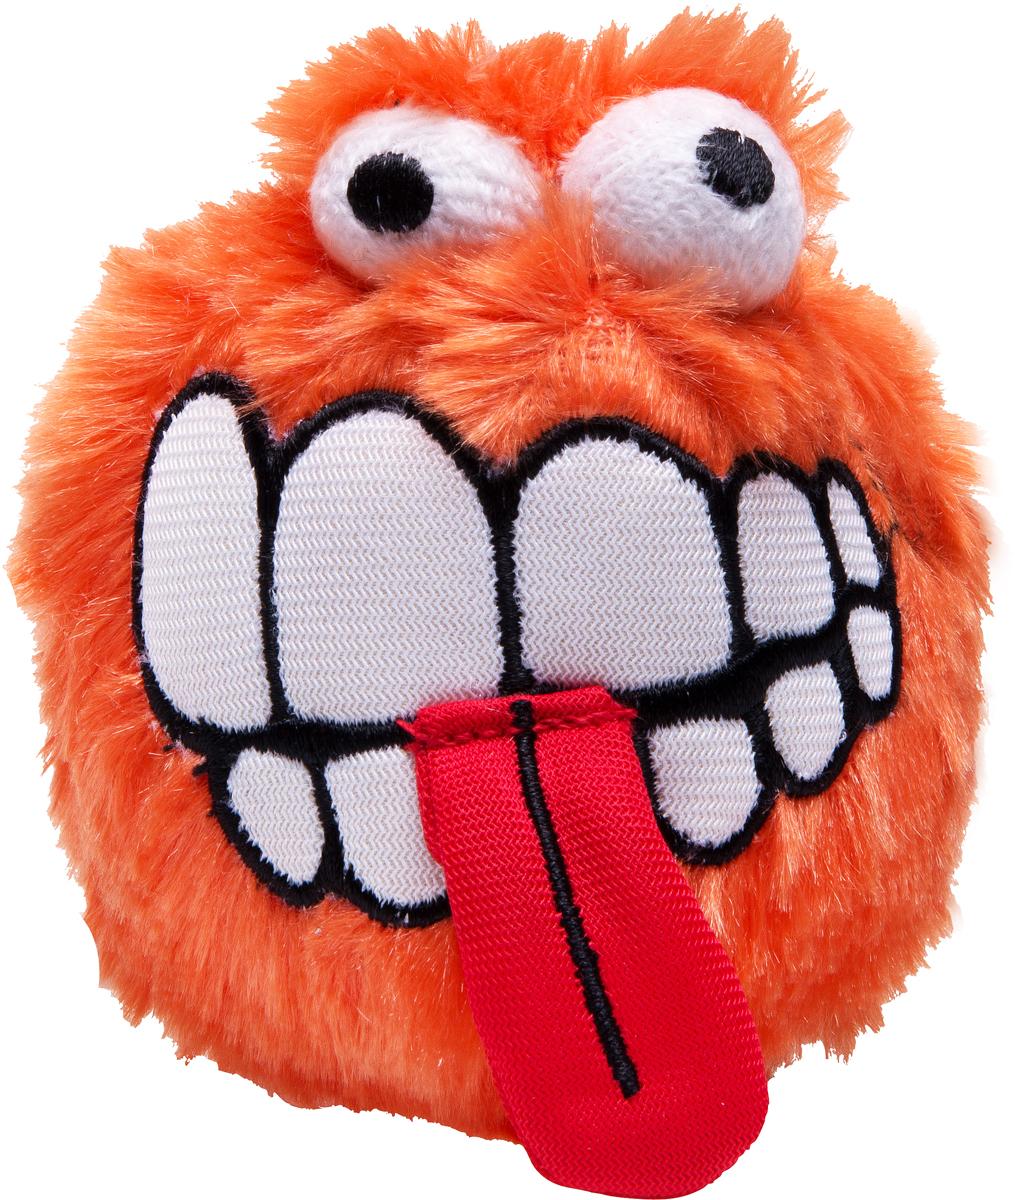 Игрушка для собак Rogz Fluffy Grinz. Зубы, цвет: оранжевый, диаметр 6,4 см0120710Особо мягкие, плюшевые мячи.Для животных, которые любят играть в «Поймай-принеси» - это просто мечта.Небольшой вес изделия.Не травмирует зубы и десна.Удобен для переноски животным.Внутри игрушки – пищалка, что поддерживает интерес животного к игре. Полиэстер, синтетический наполнитель